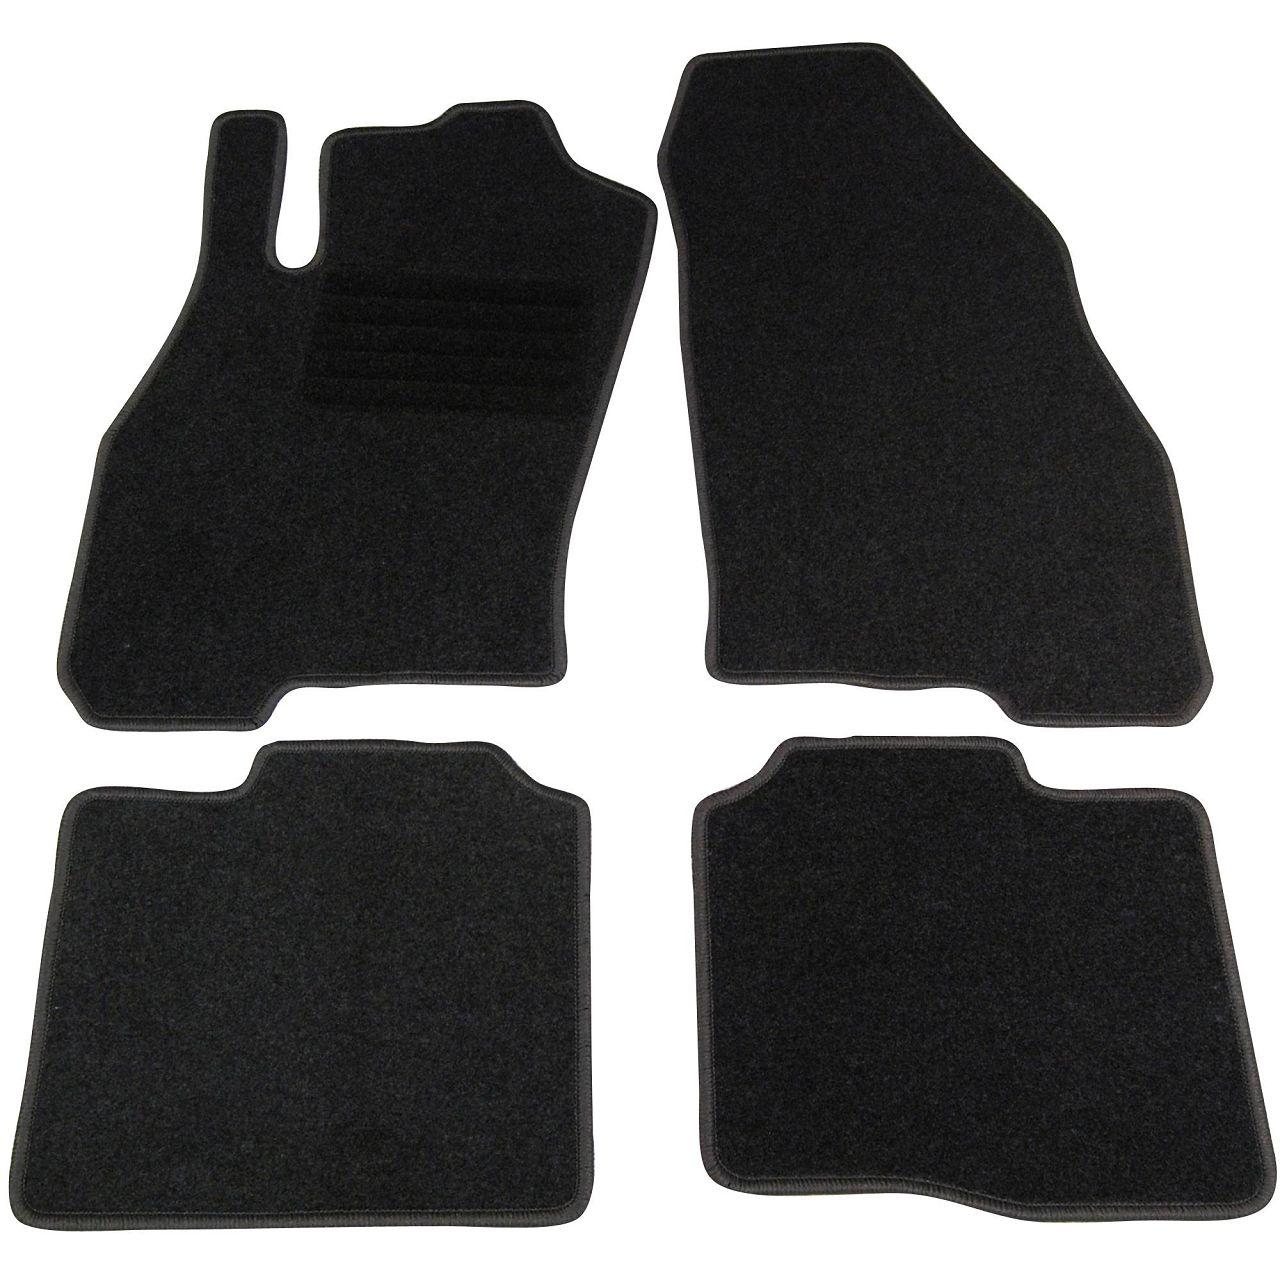 Veloursmatten Textilmatten Fußmatten FIAT Punto Evo 199 3-Türer ab 10.2009 4-tlg